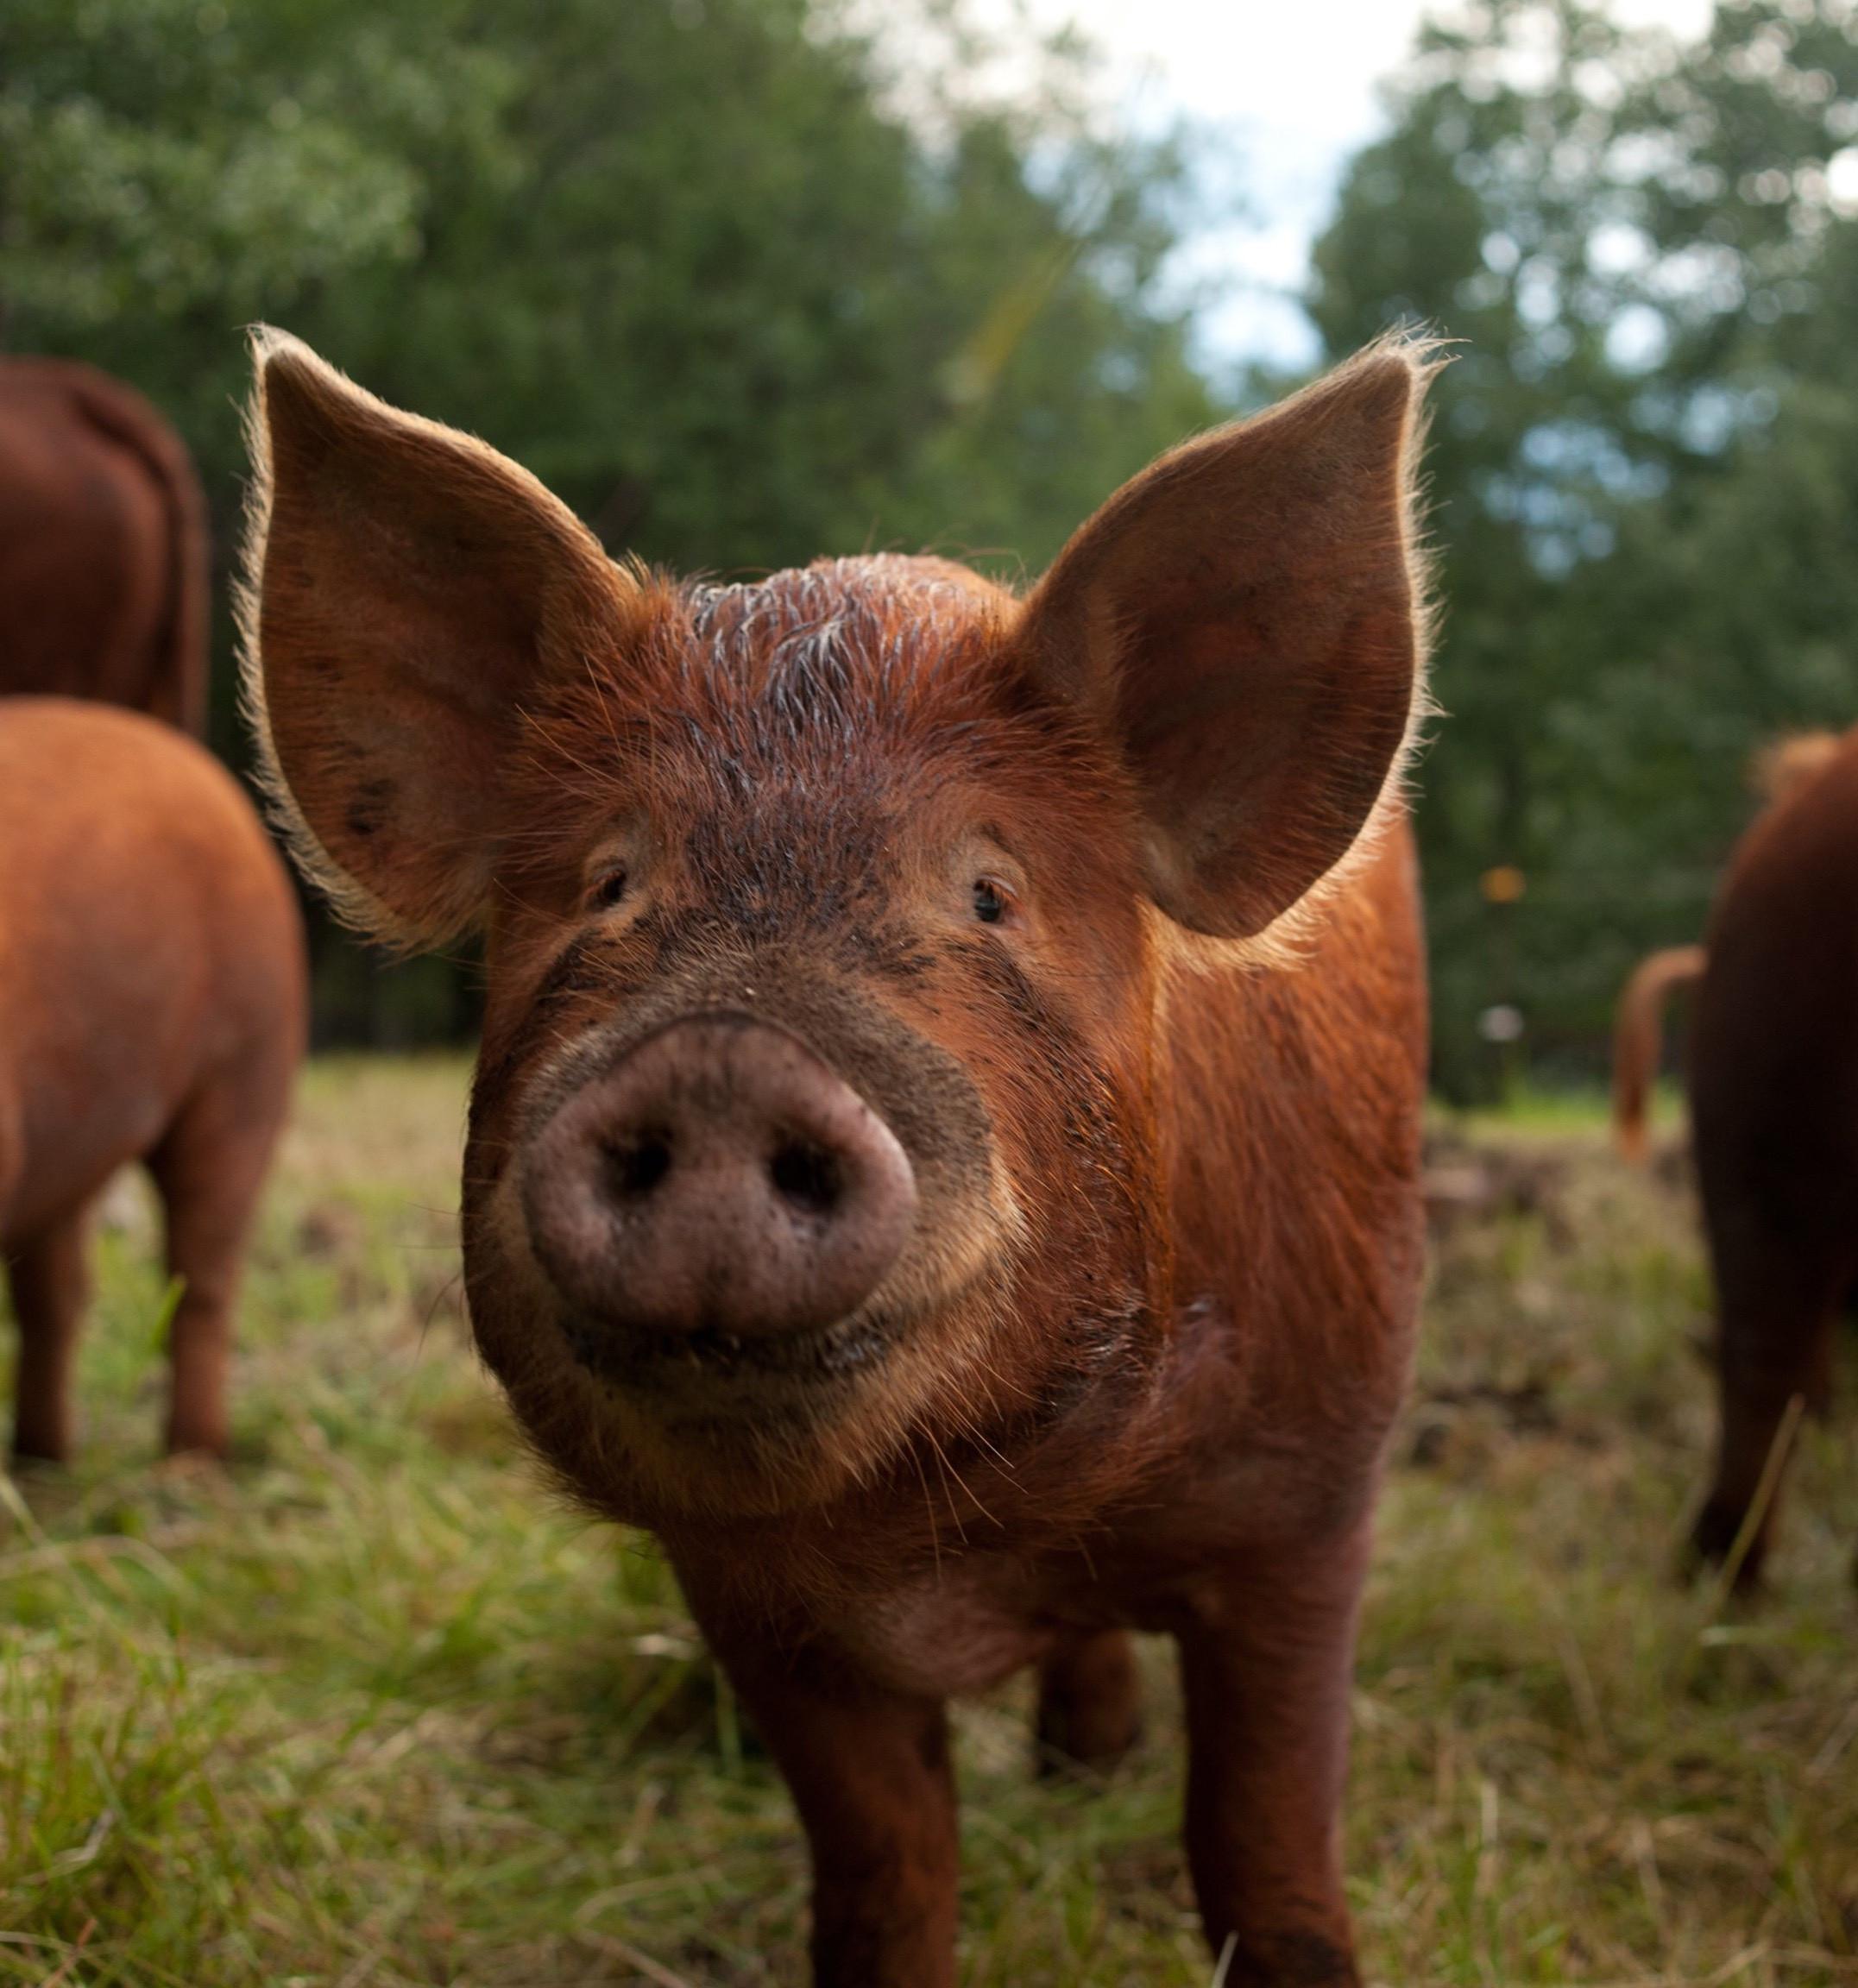 Smiling-pig-for-website.jpeg